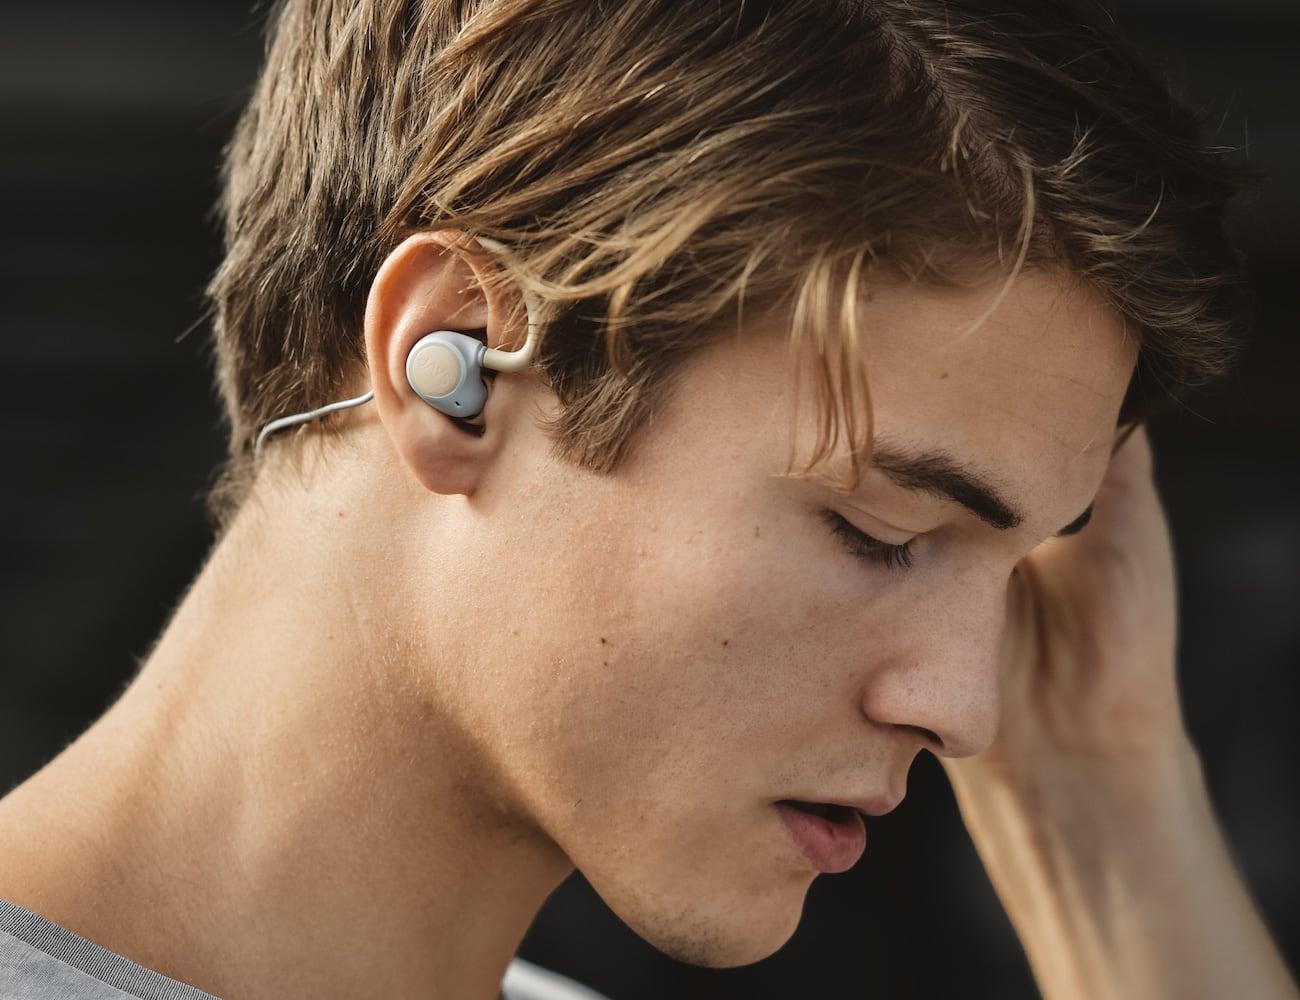 Jays m-Six Wireless Sweatproof Sport Earphones